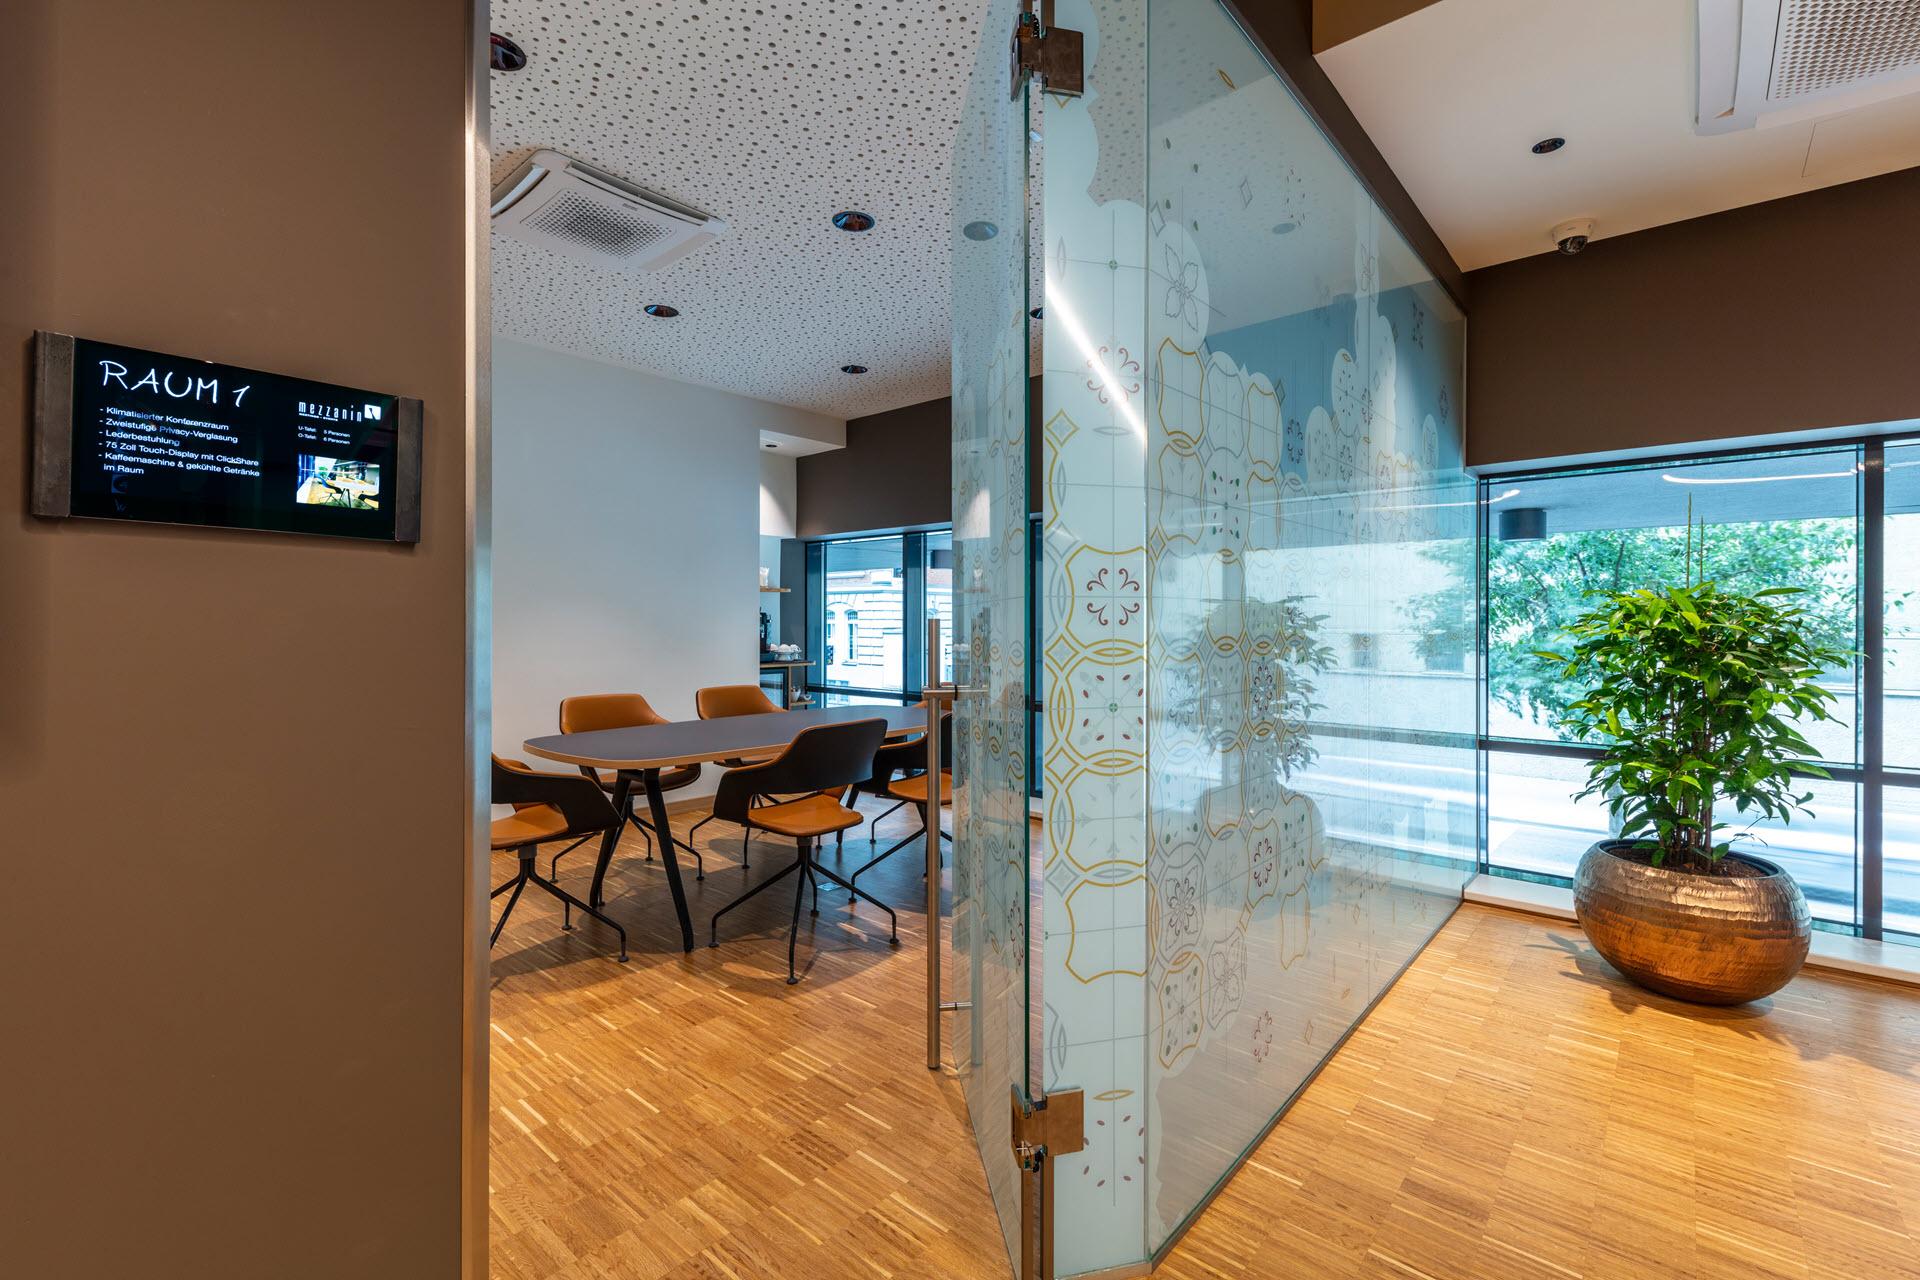 Hotel Zeitgeist Vienna Hauptbahnhof-75? Touch-Display mit 4k Auflösung schaltbare Raum-Verglasung Parkett Minibar Kaffeemaschine